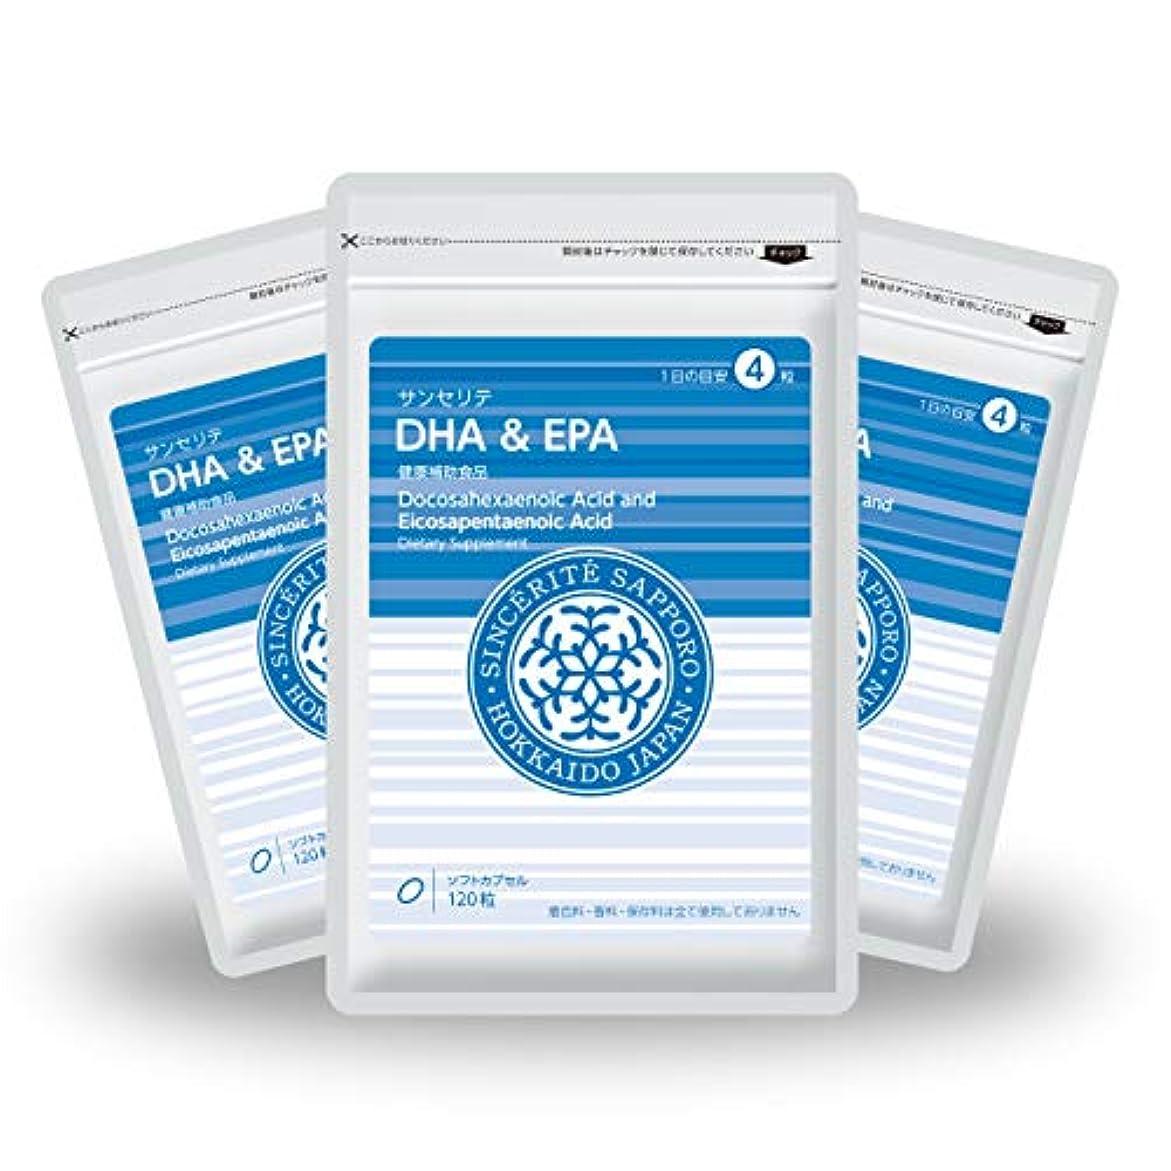 追放する蒸気コンクリートDHA&EPA 3袋セット[送料無料][DHA]433mg配合[国内製造]お得な★90日分